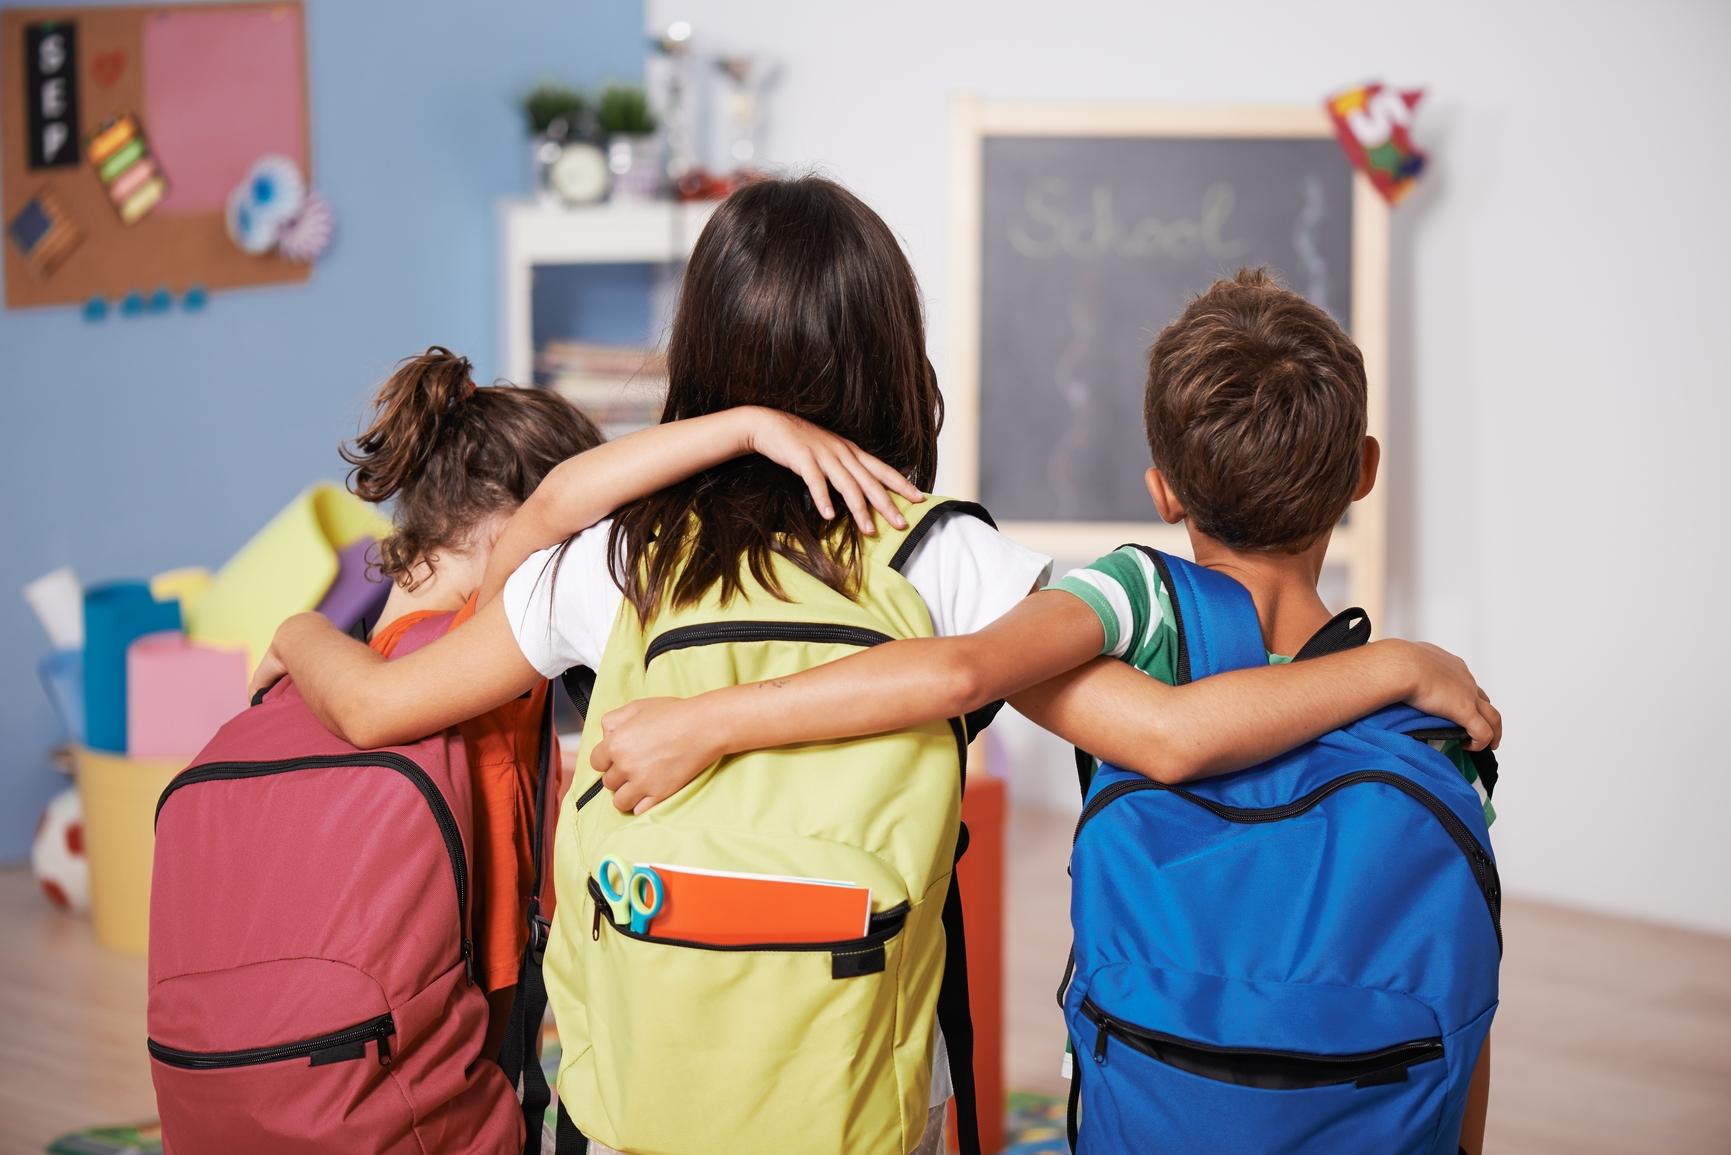 KidsHuggingwBackpacks.jpg